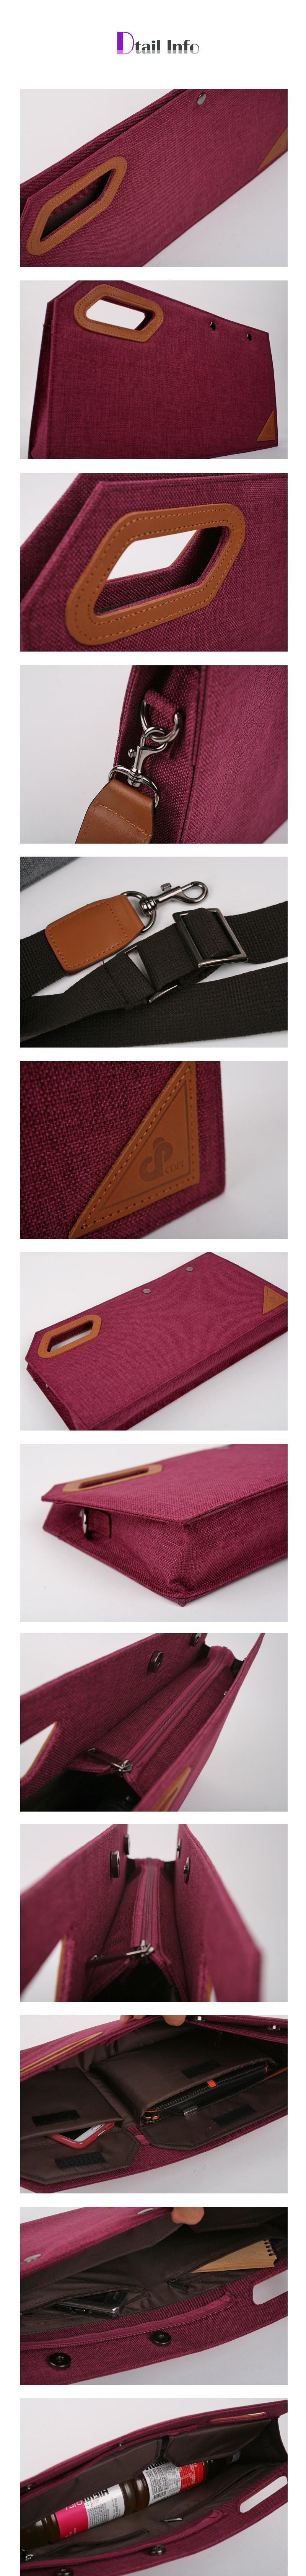 copi handbag no.C-141204view-1